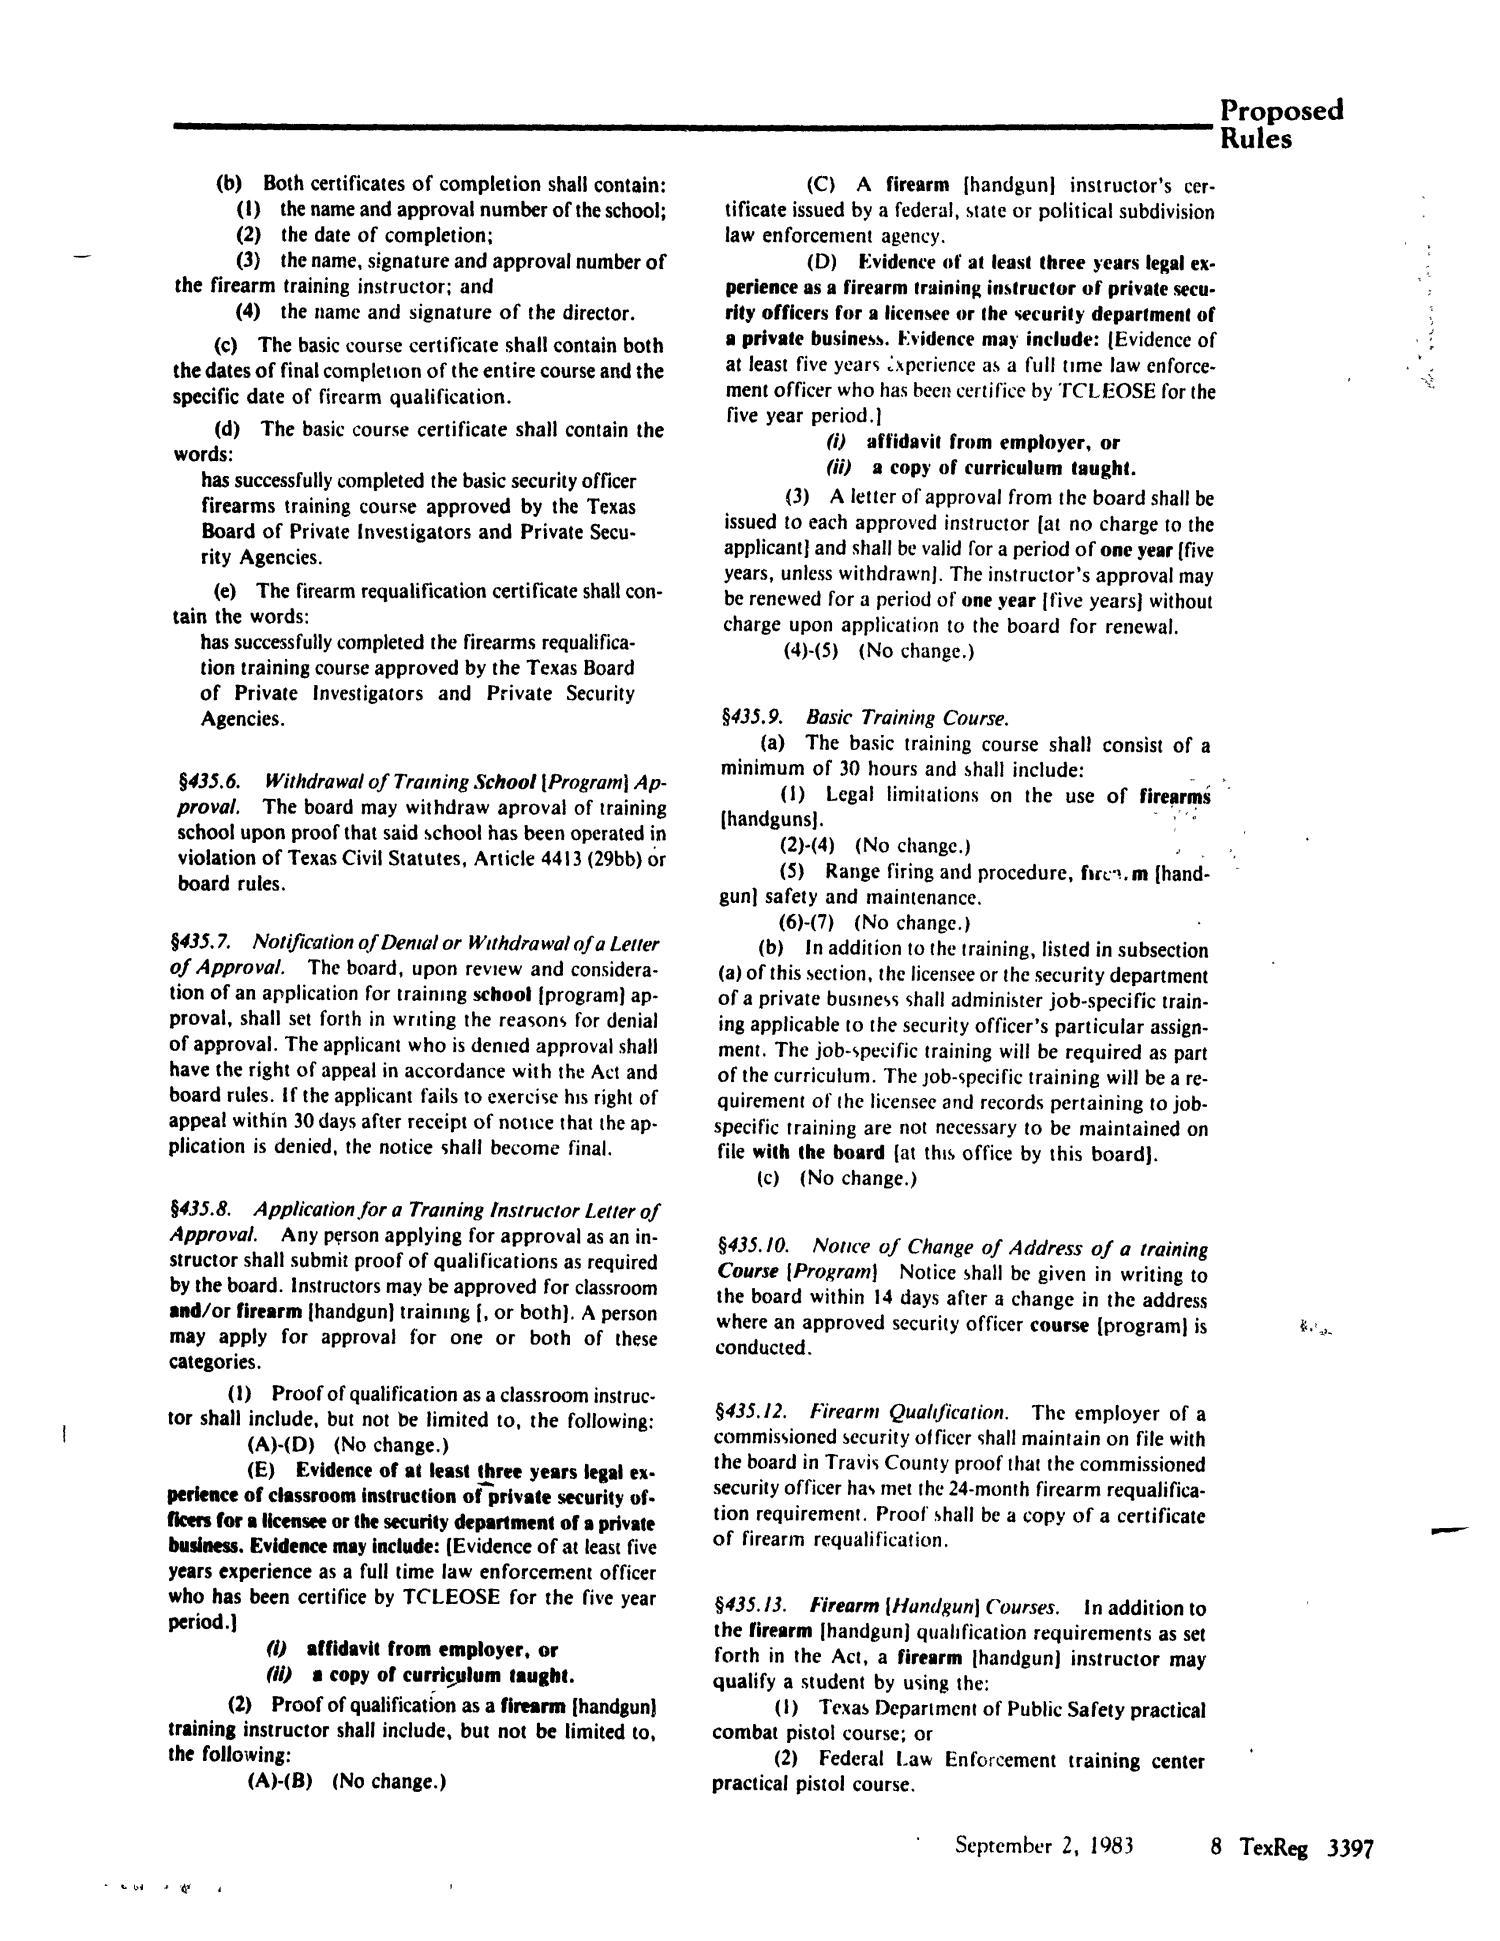 Texas Register Volume 8 Number 64 Pages 3371 3436 September 2